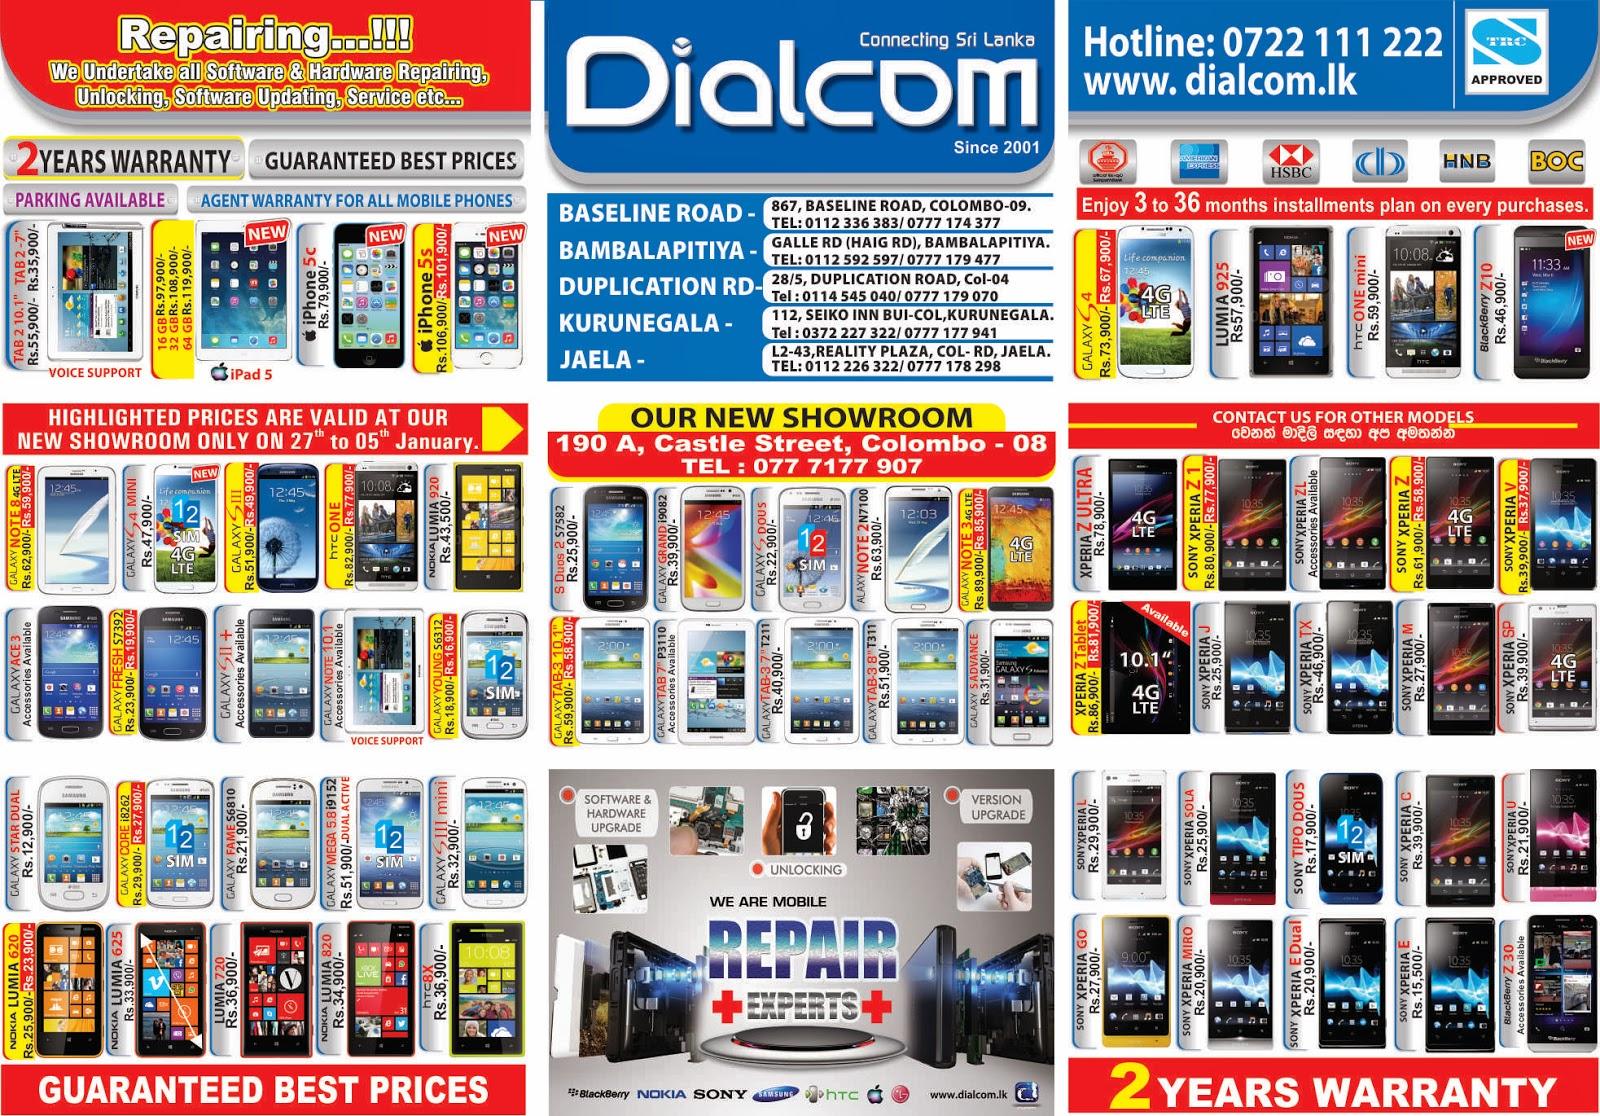 Apple iPhone 5s Best Price in Sri Lanka 2013 | mobile phone